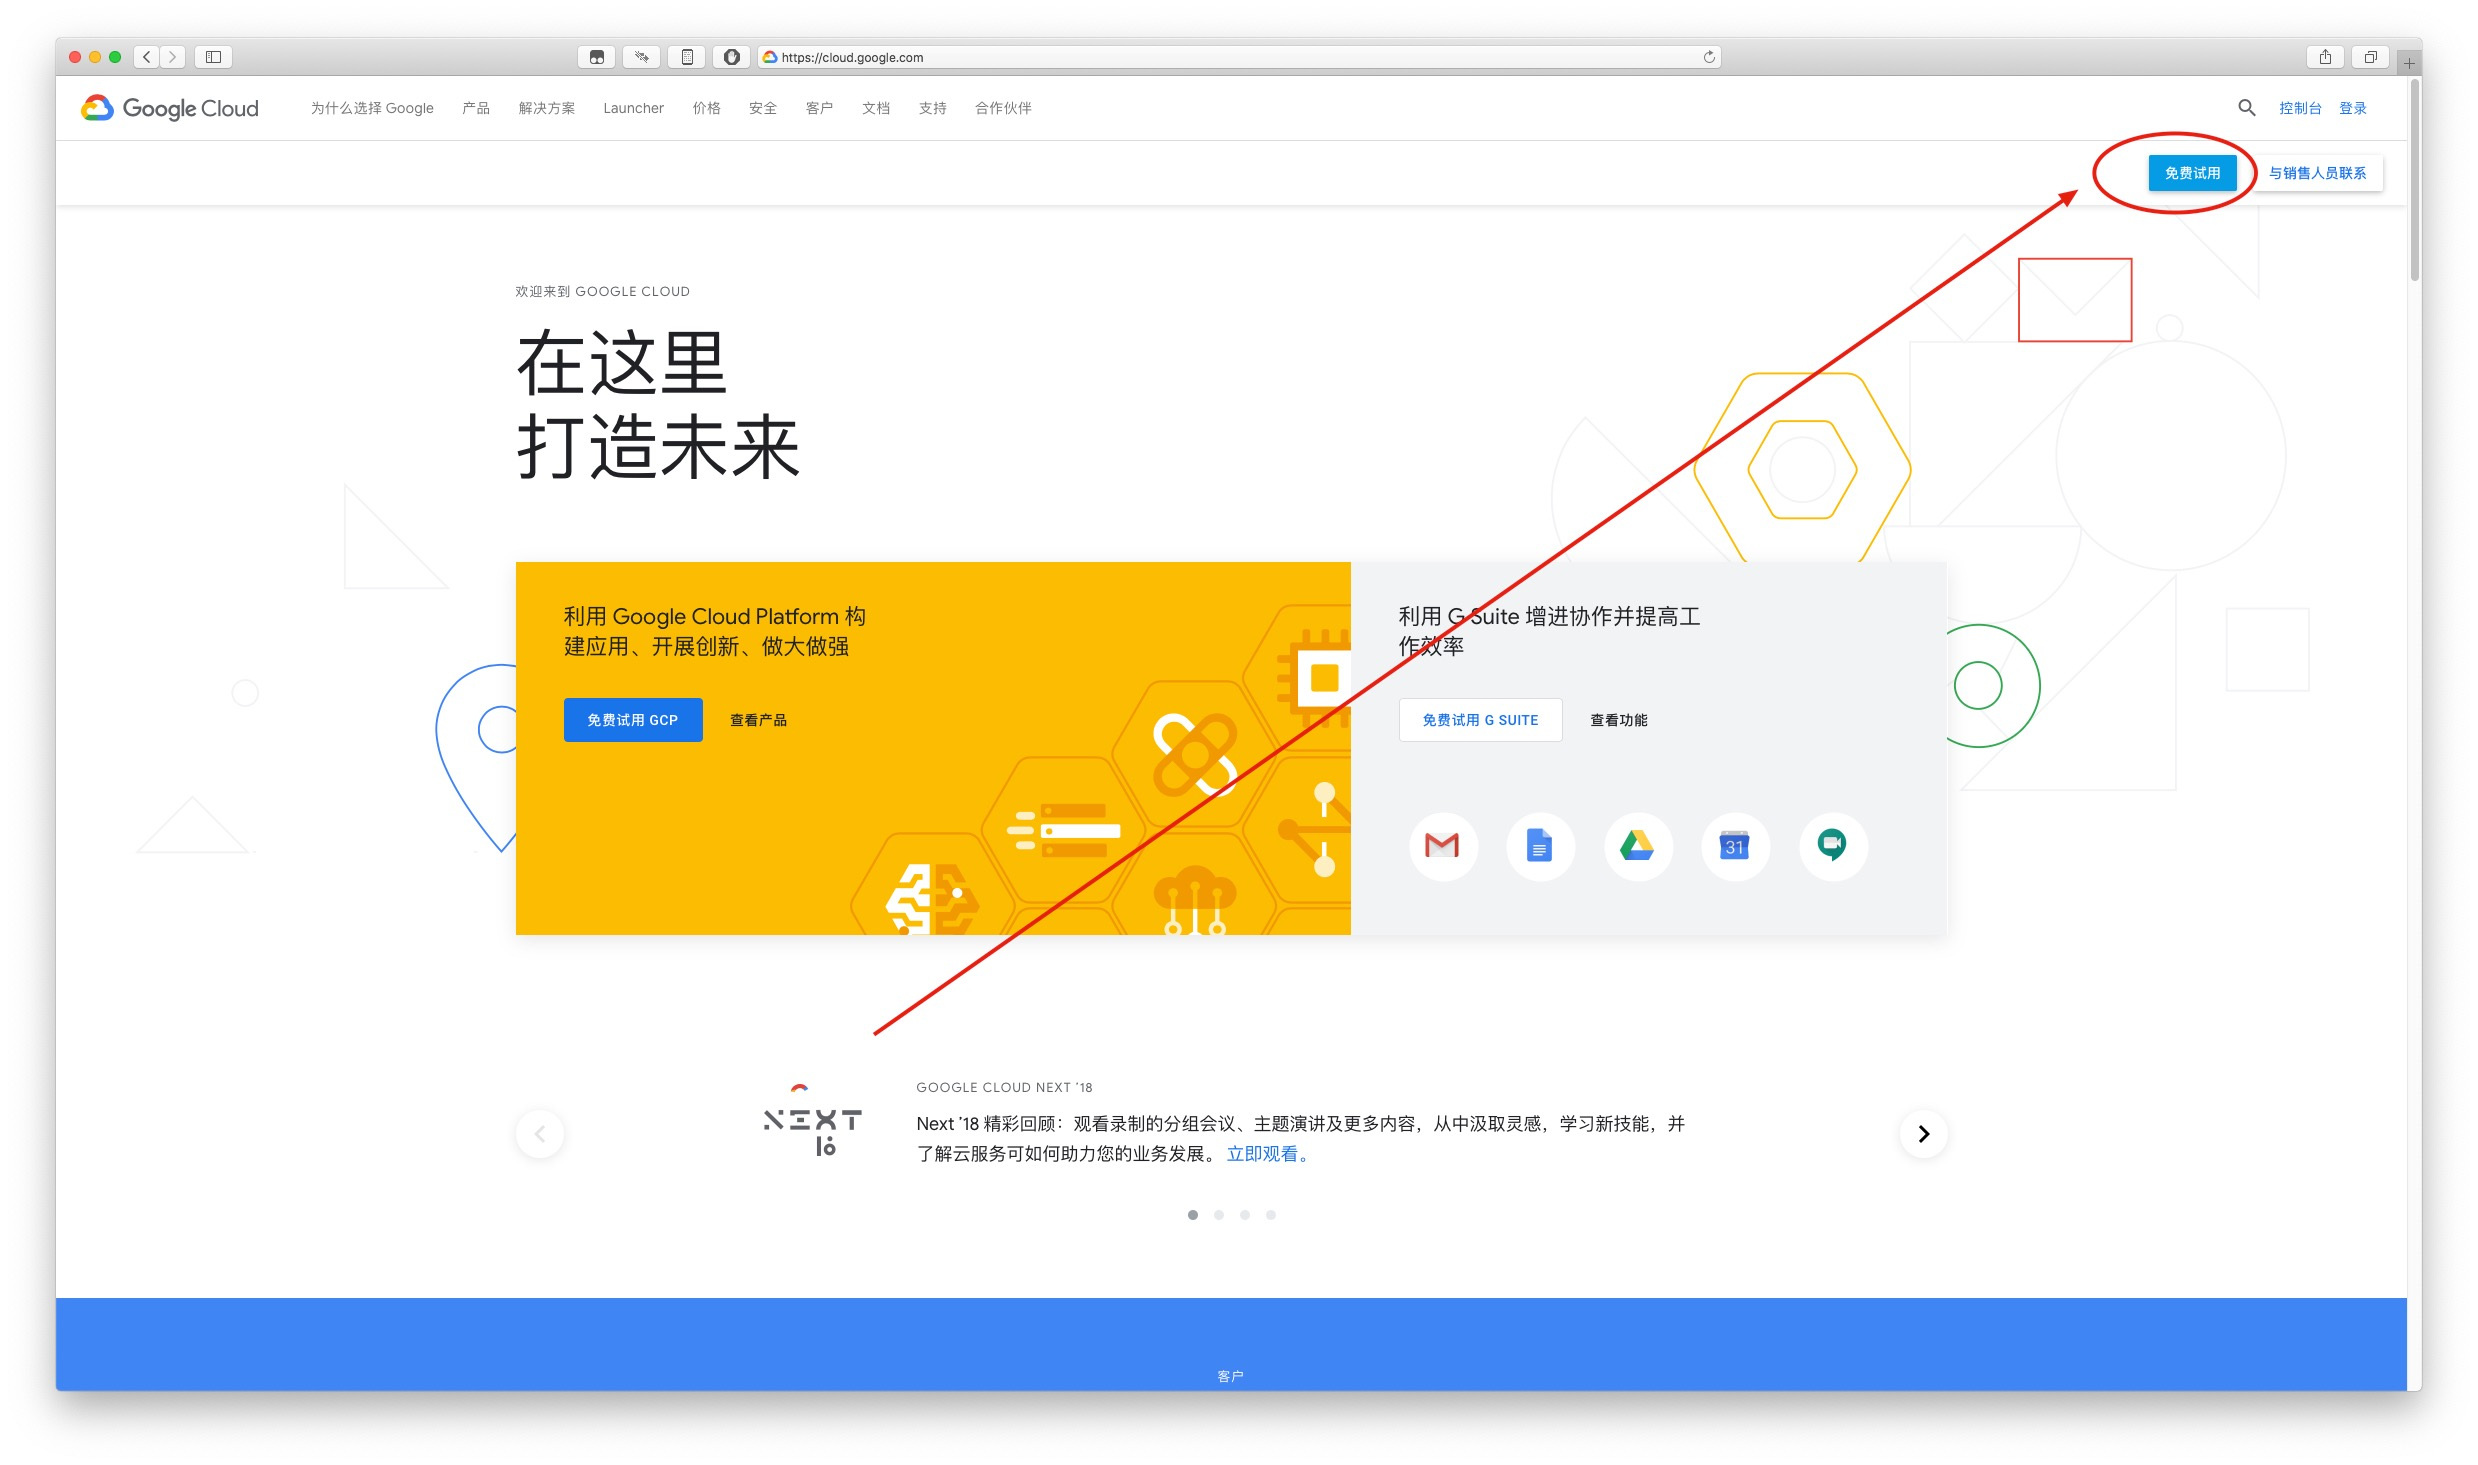 谷歌云注册